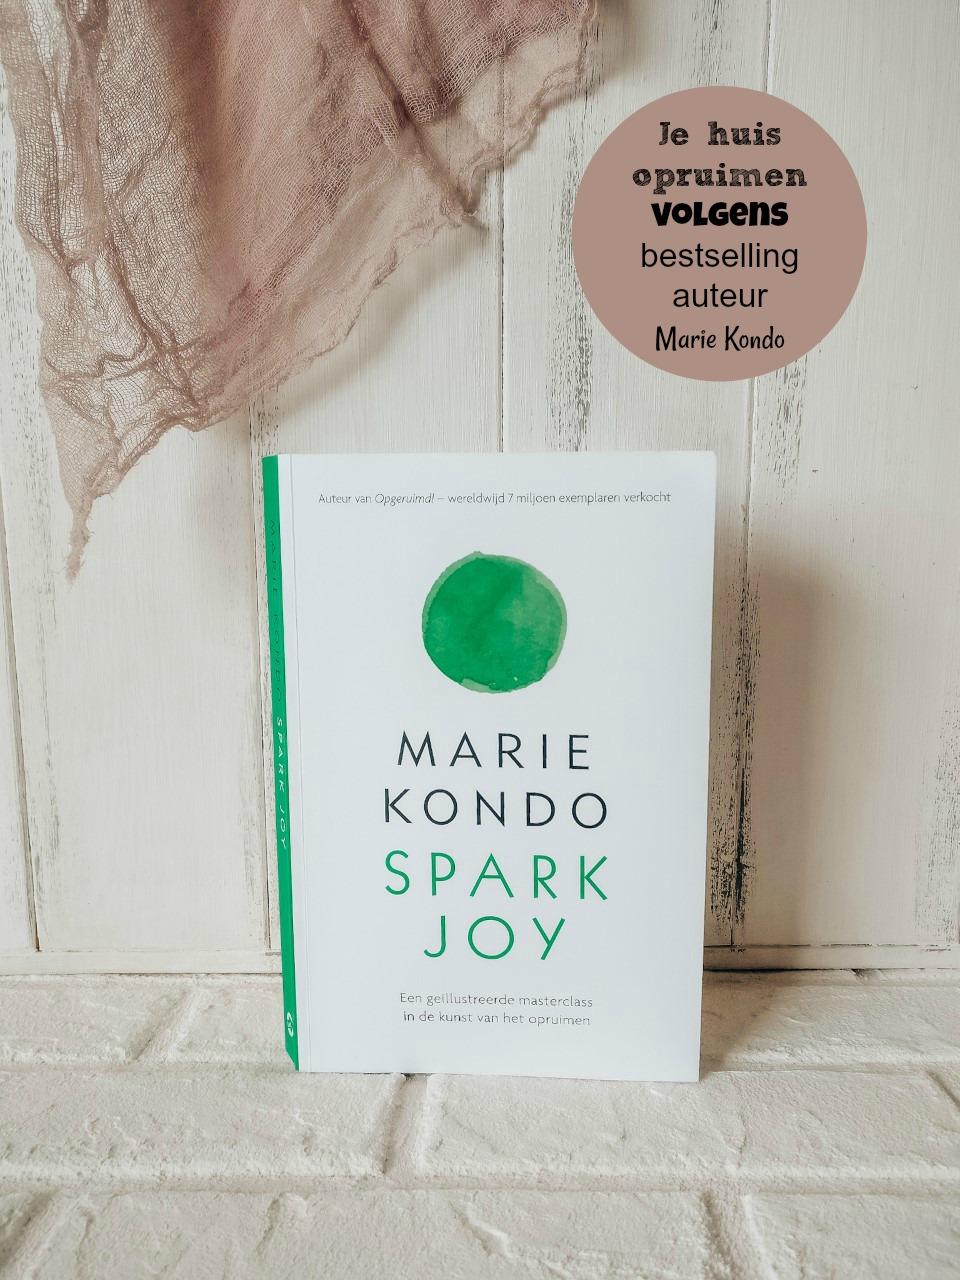 Je huis opruimen volgens bestselling auteur Marie Kondo